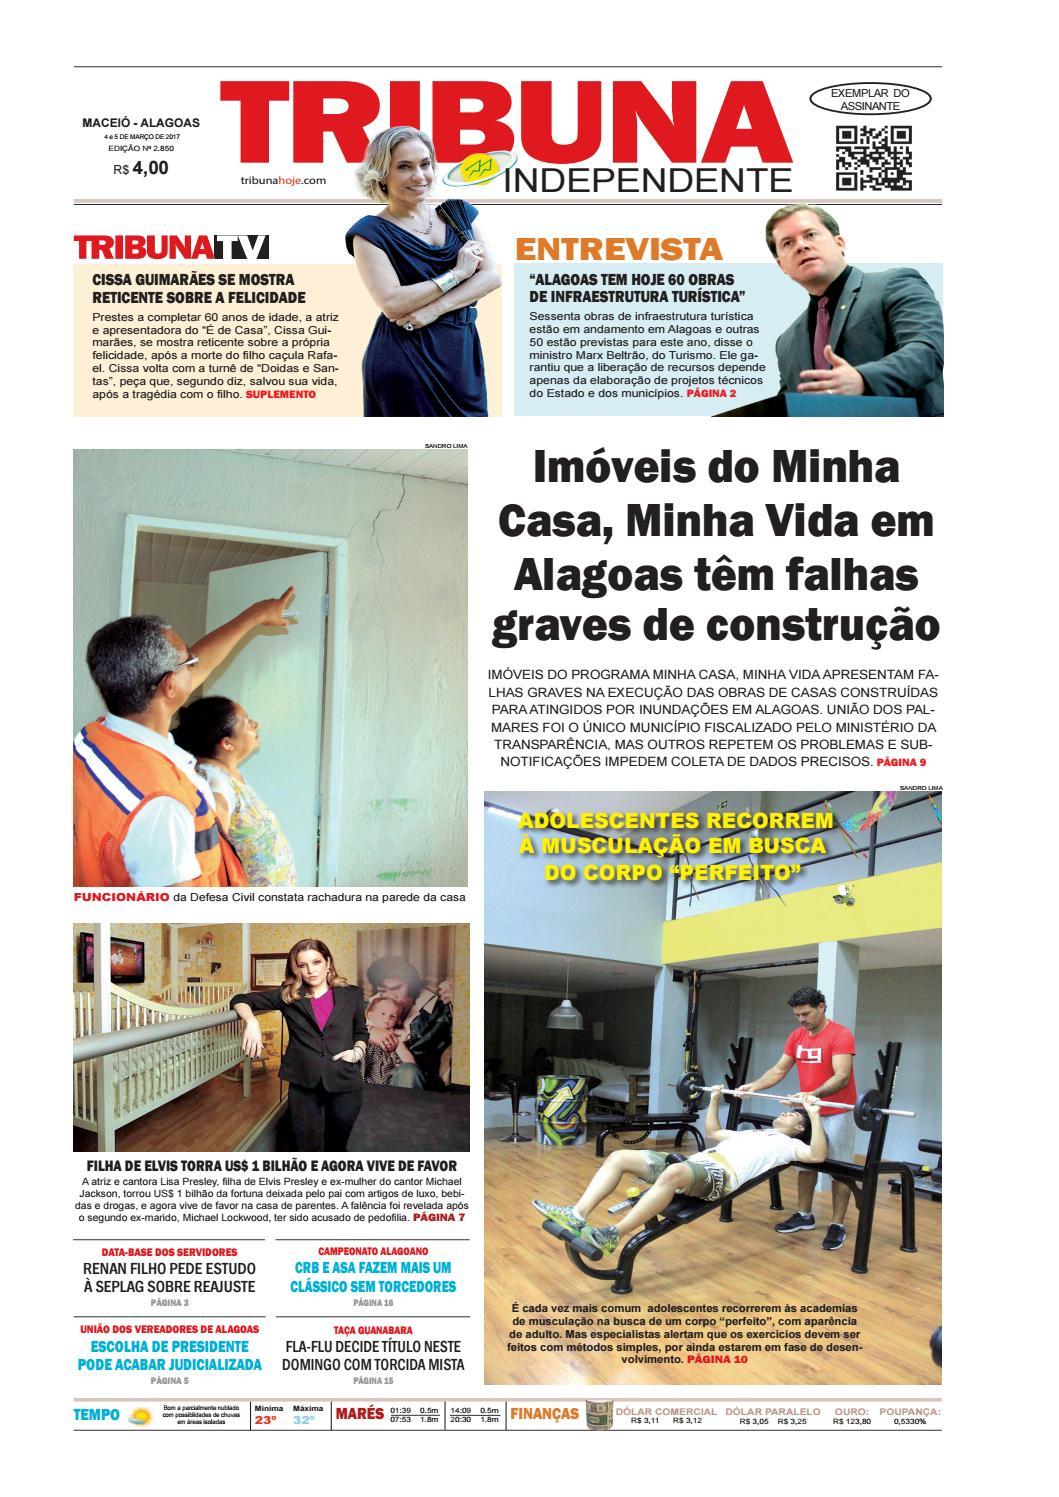 508eb35f72d Edição número 2850 - 4 e 5 de março de 2017 by Tribuna Hoje - issuu